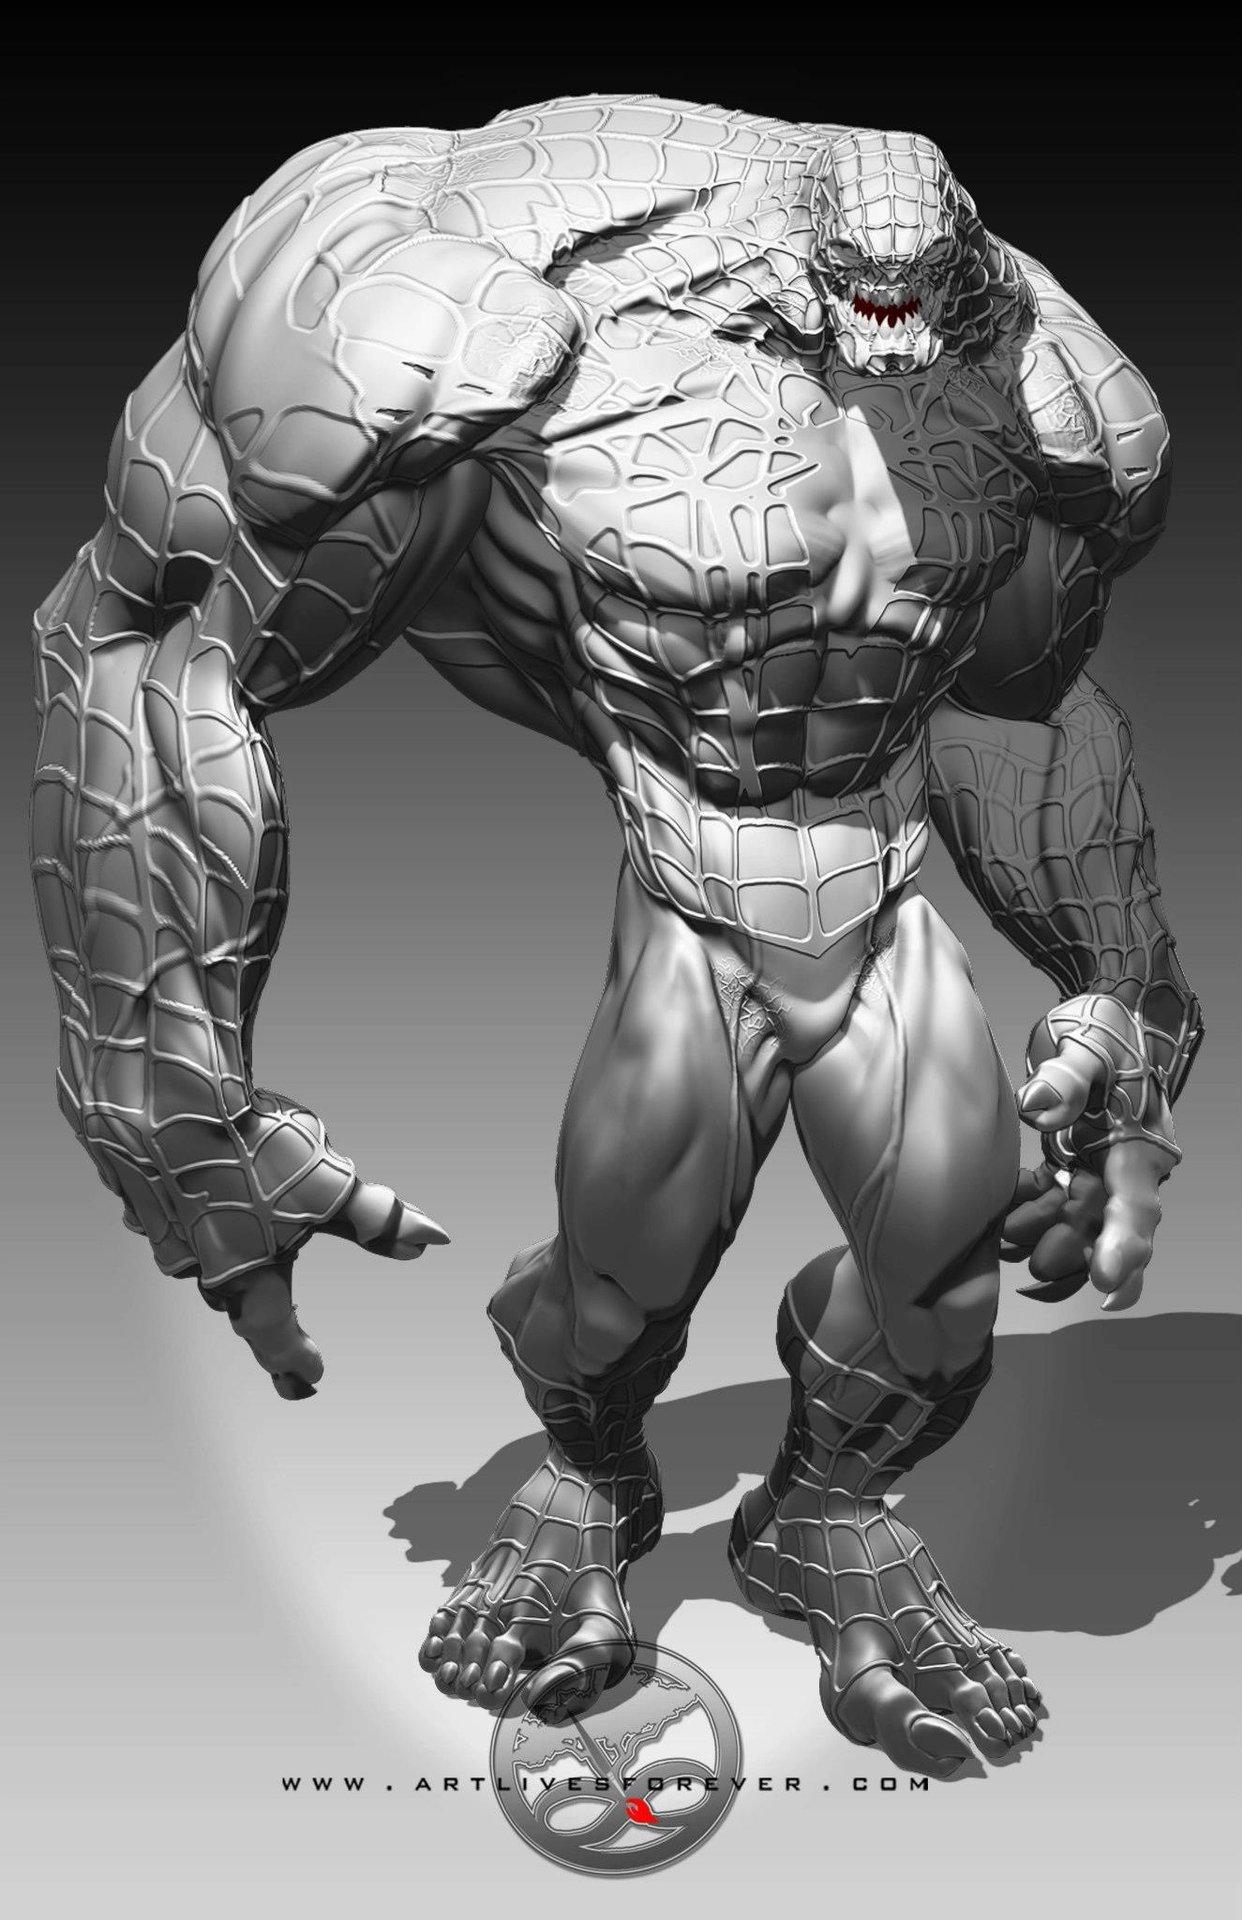 Venom www.artlivesforever.com